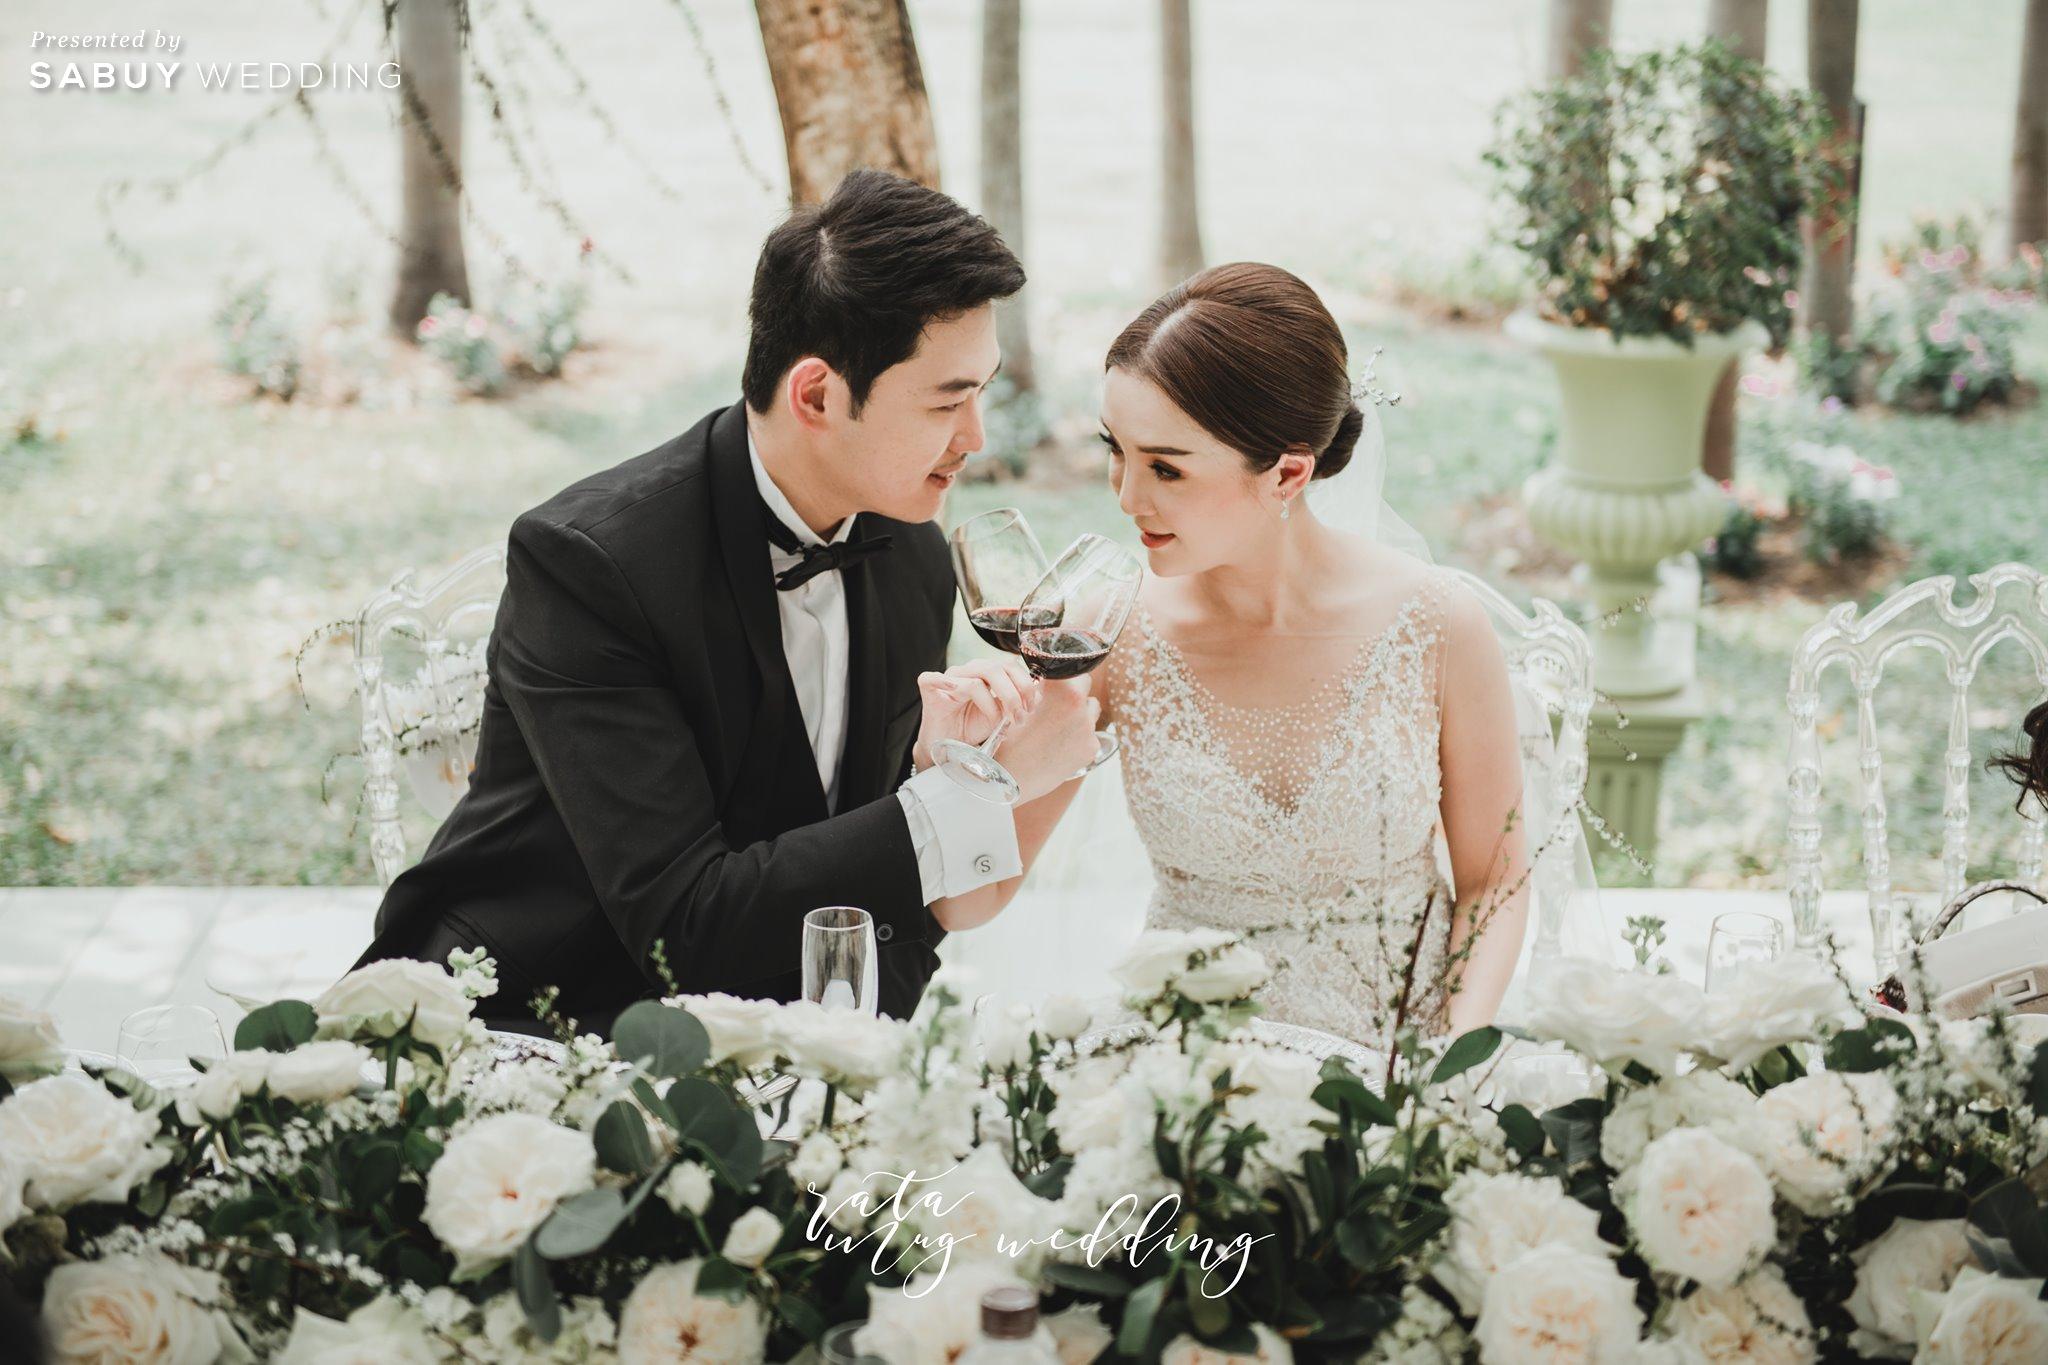 เจ้าบ่าว,เจ้าสาว,แต่งงาน รีวิวงานแต่งสวนสวยละมุนใจ บรรยากาศโรแมนติก @ Le coq d'or Chiangmai